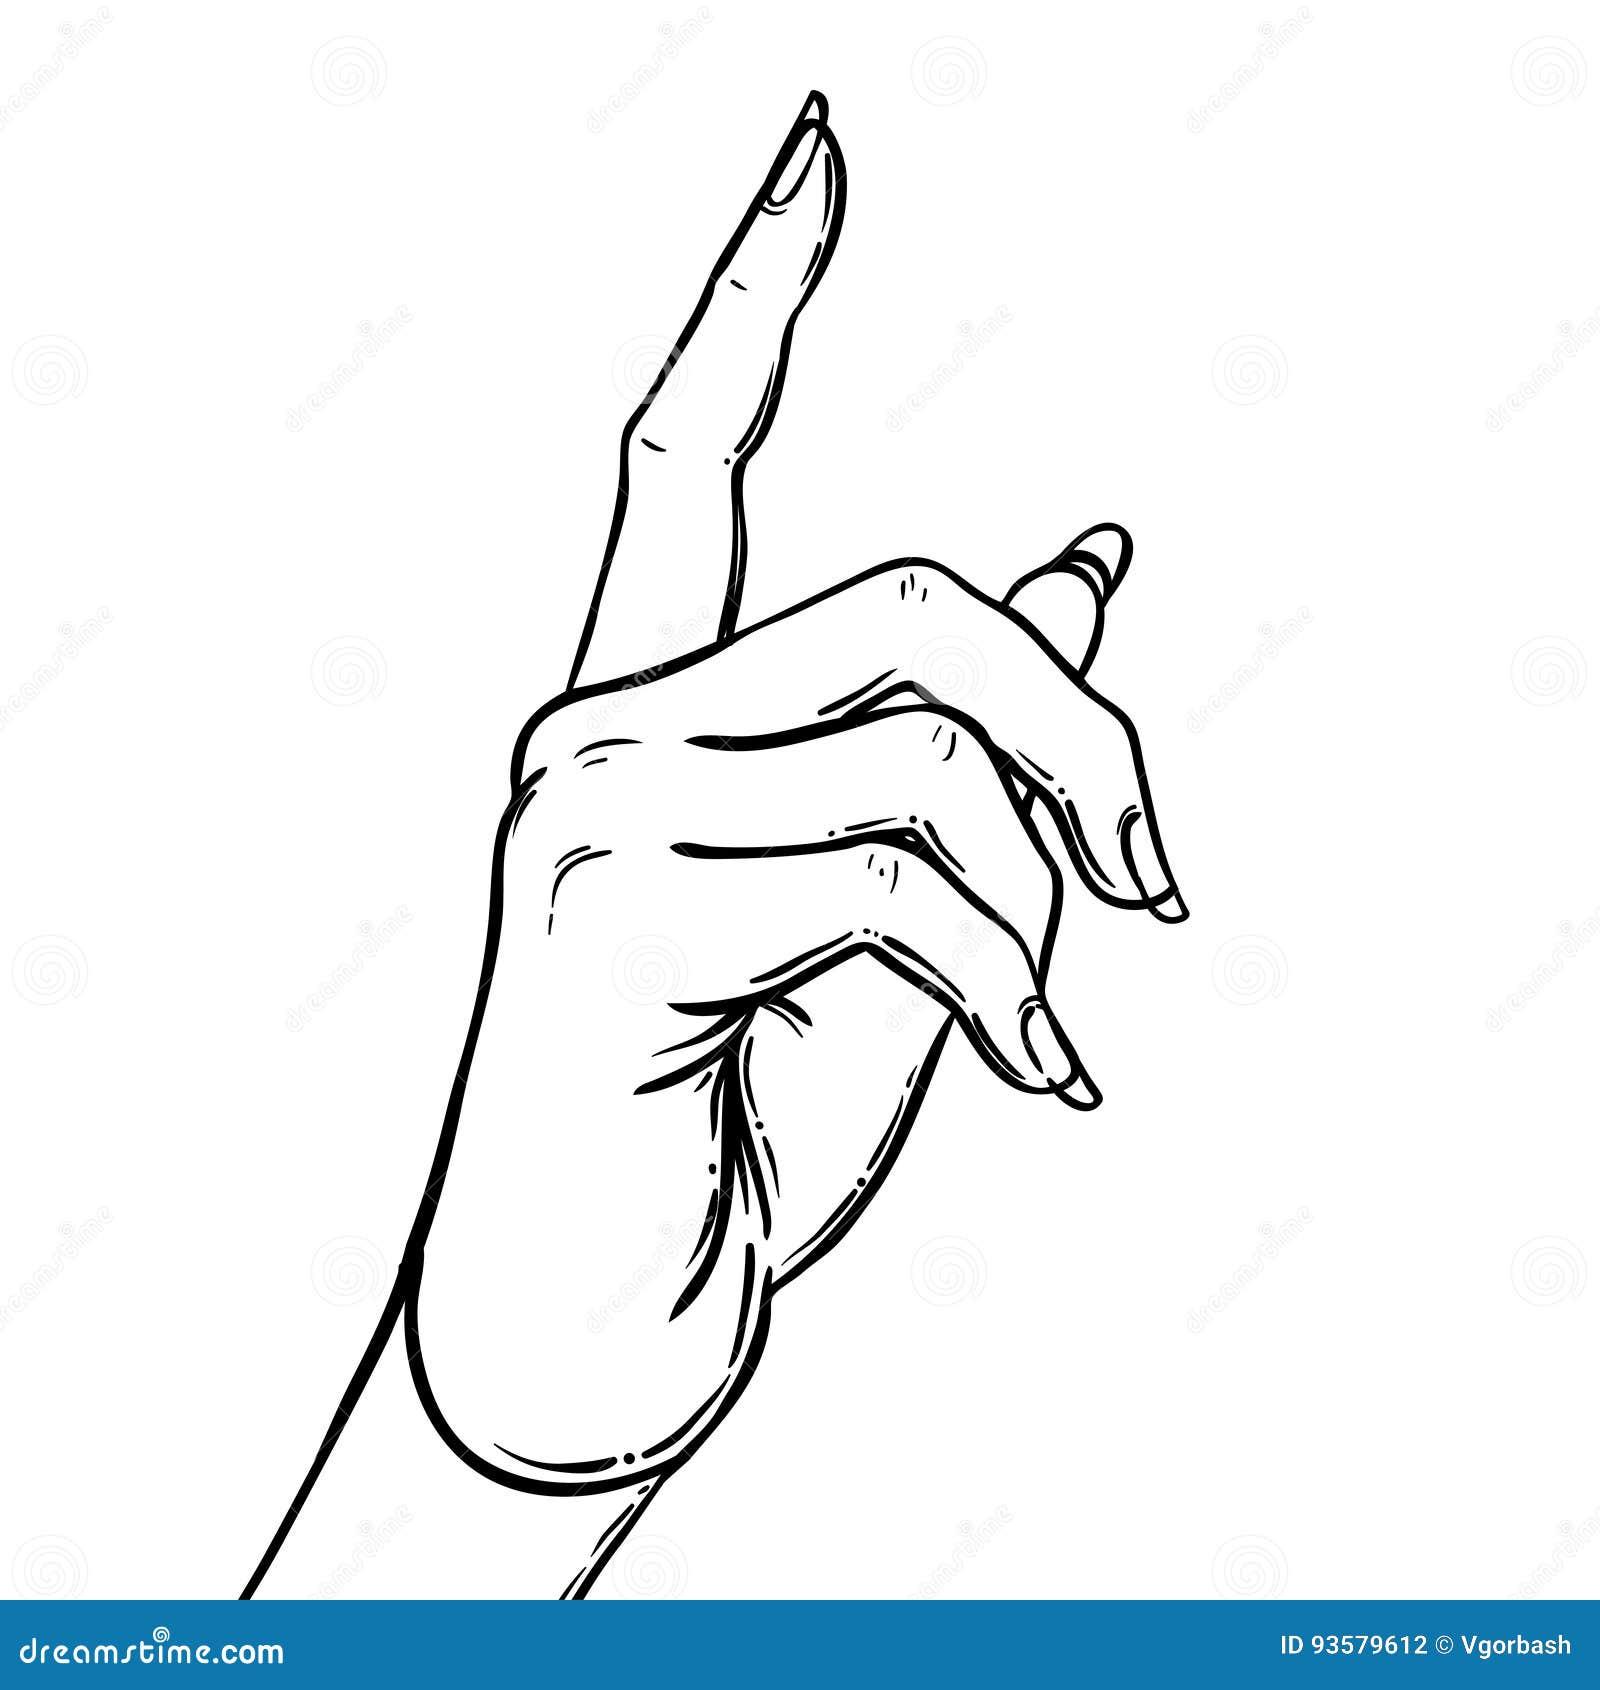 weibliche hand die auf etwas mit dem zeigefinger zeigt zeigen von direc vektor abbildung. Black Bedroom Furniture Sets. Home Design Ideas